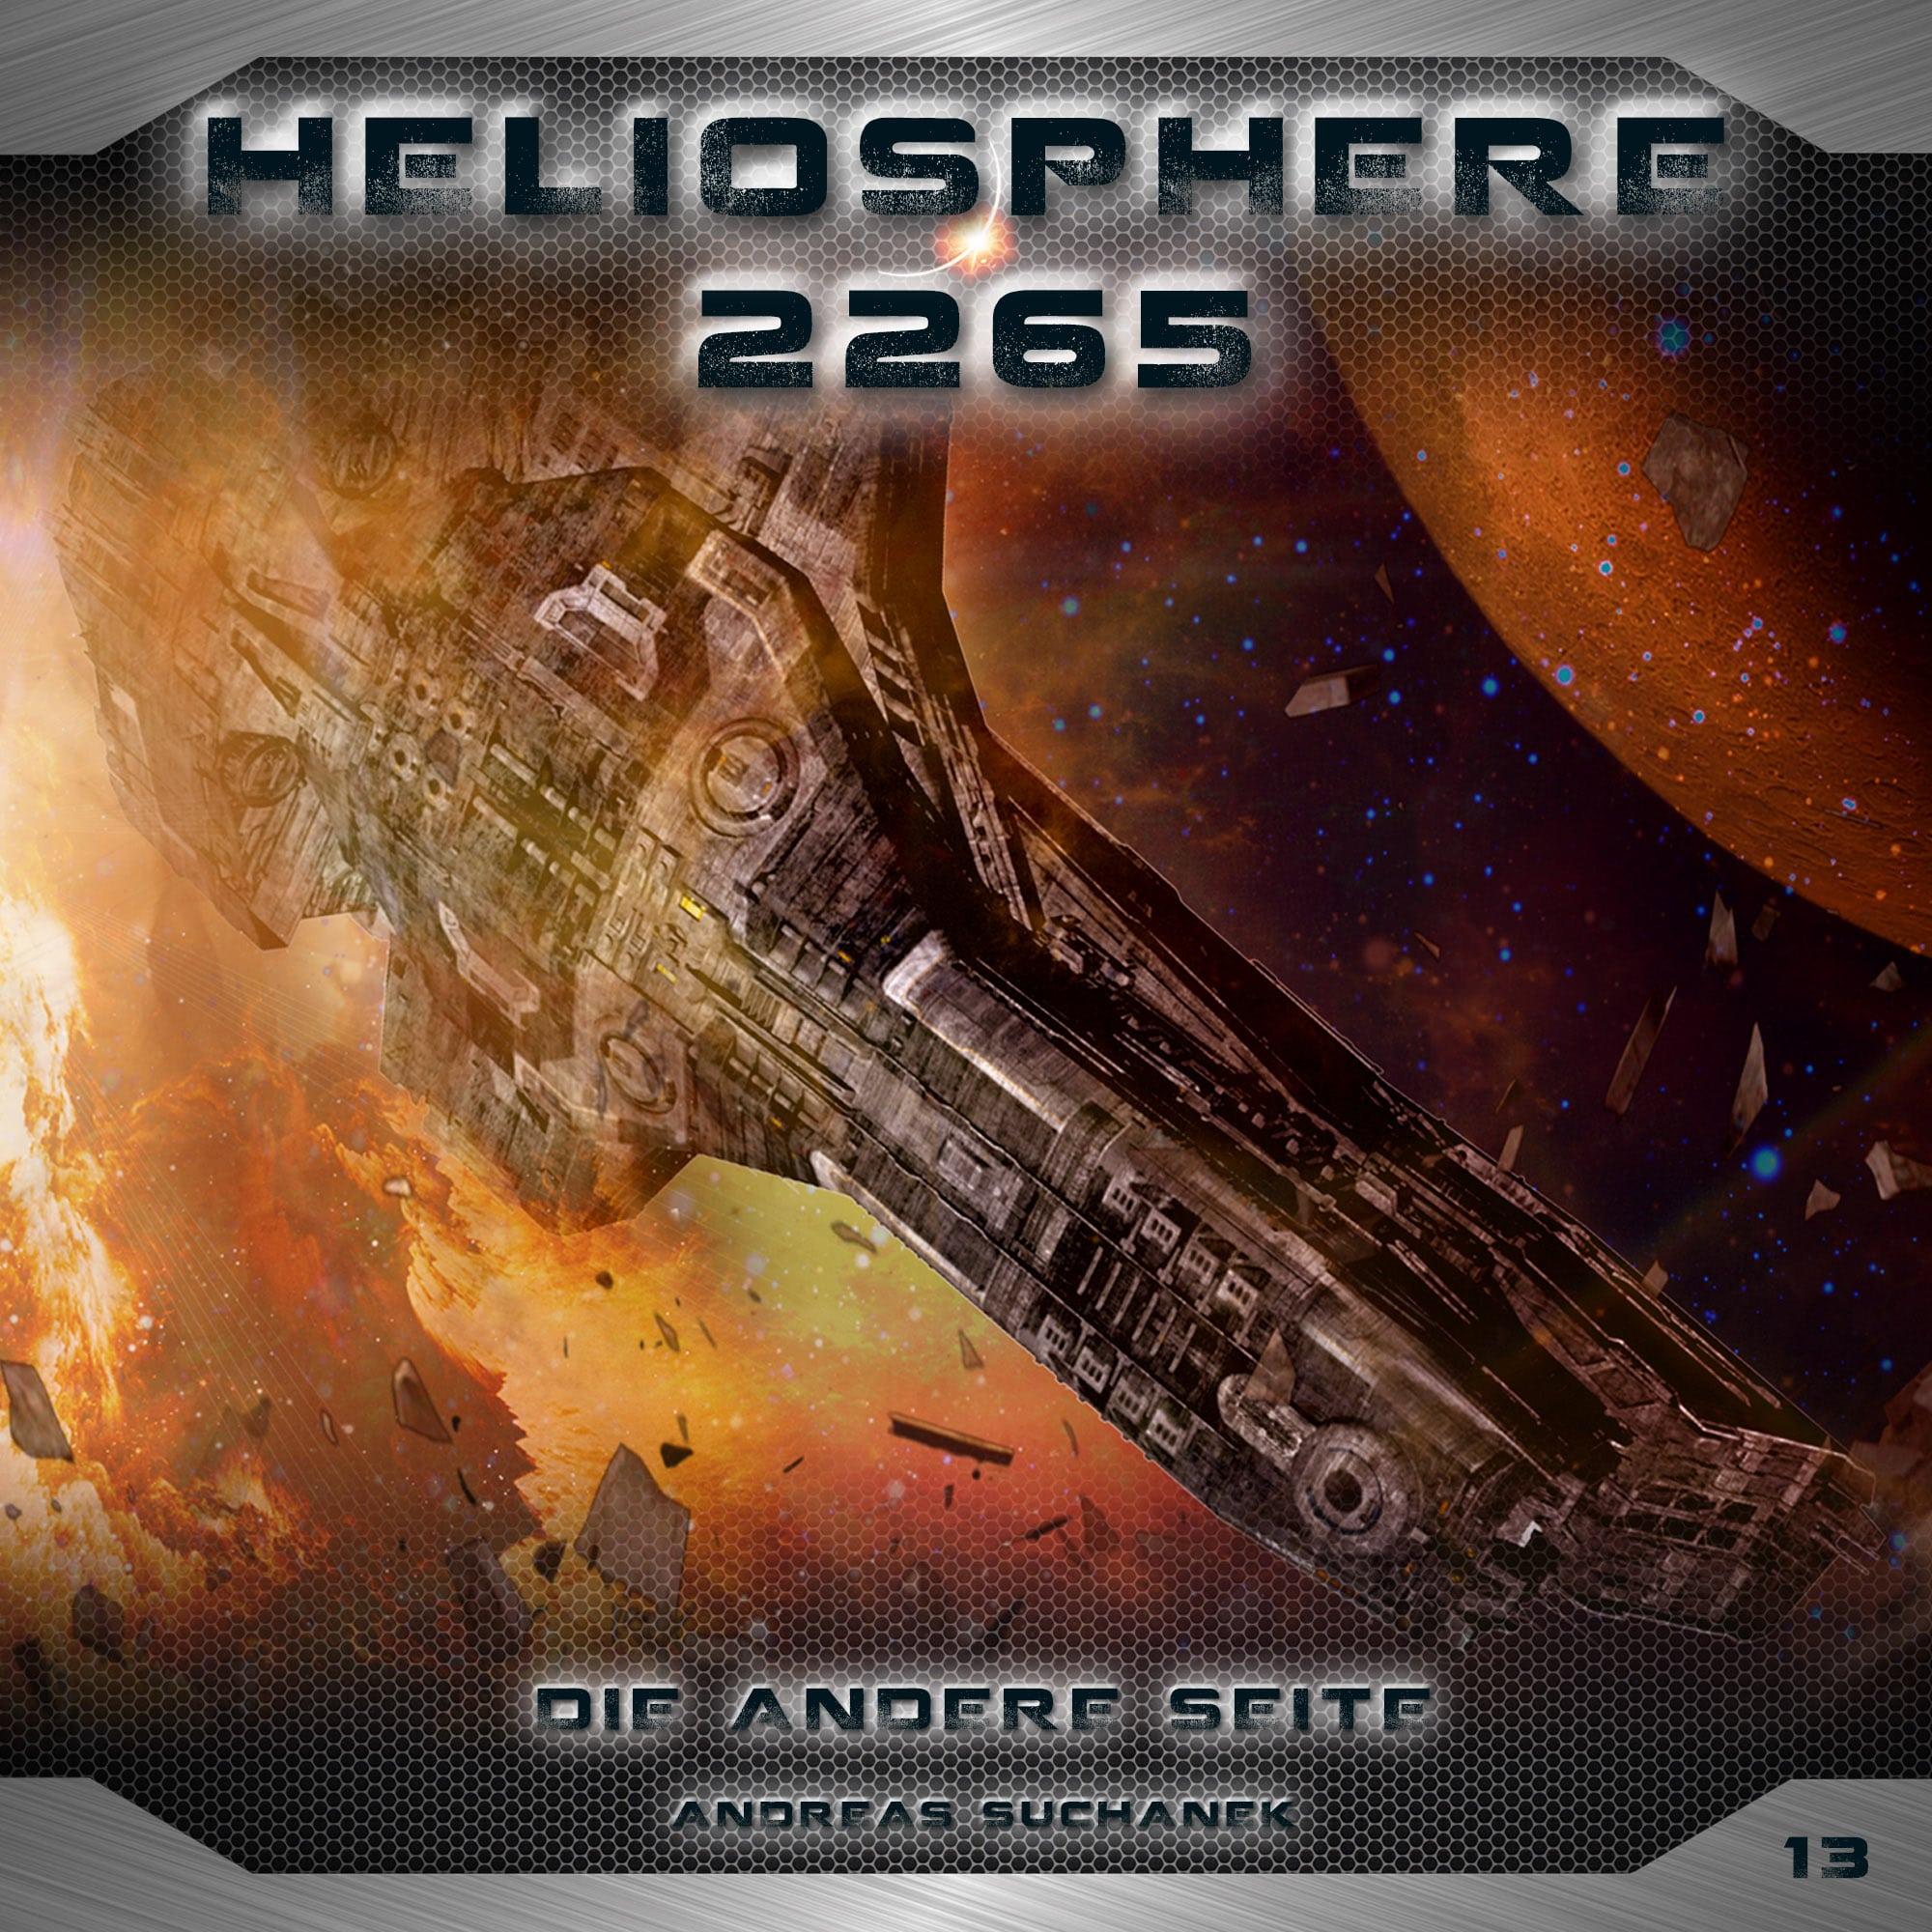 Heliosphere 2265 - Folge 13: Die andere Seite von Andreas Suchanek